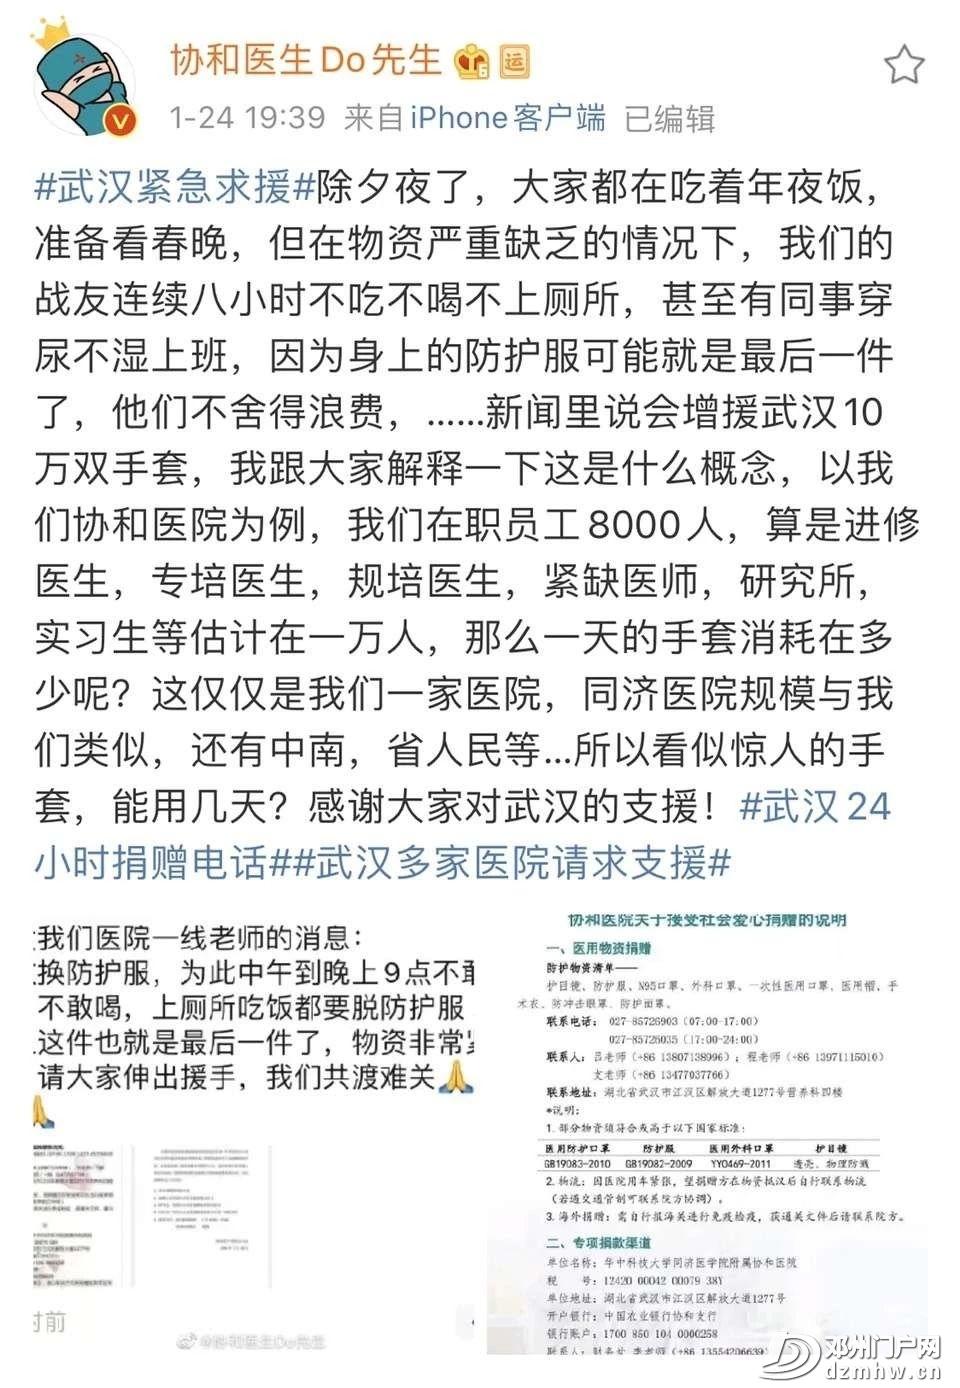 武汉医生向全国发出声嘶力竭的SOS求援信号! - 邓州门户网 邓州网 - 367ea811f7278c52db714816829ac828.jpg